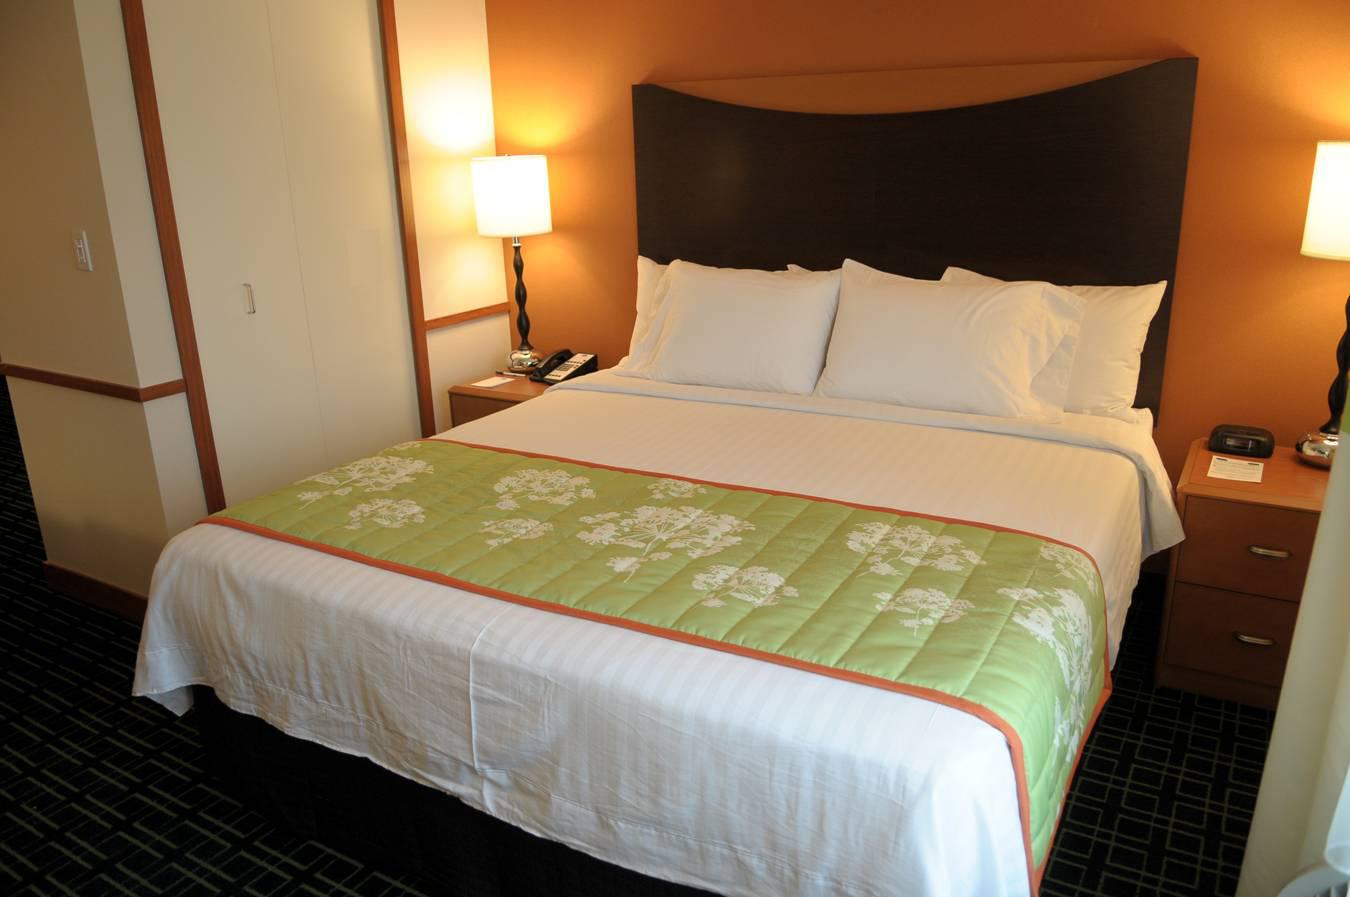 Fairfield Inn & Suites Portland North image 1